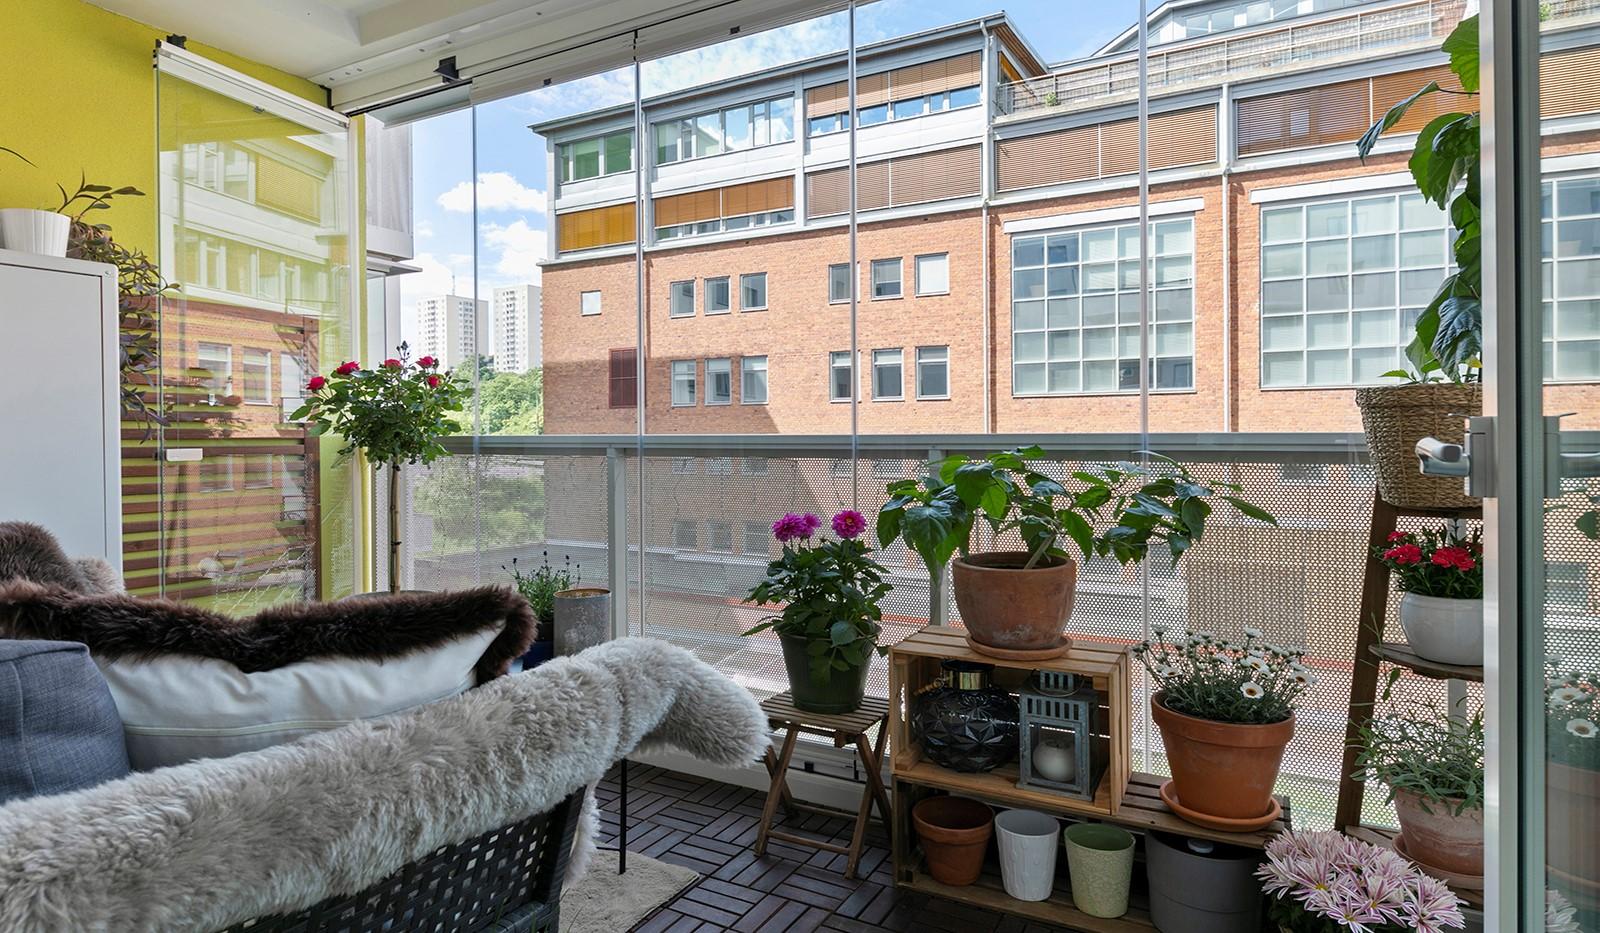 Marieviksgatan 44, 2 tr - Här ryms både utemöbler och växter